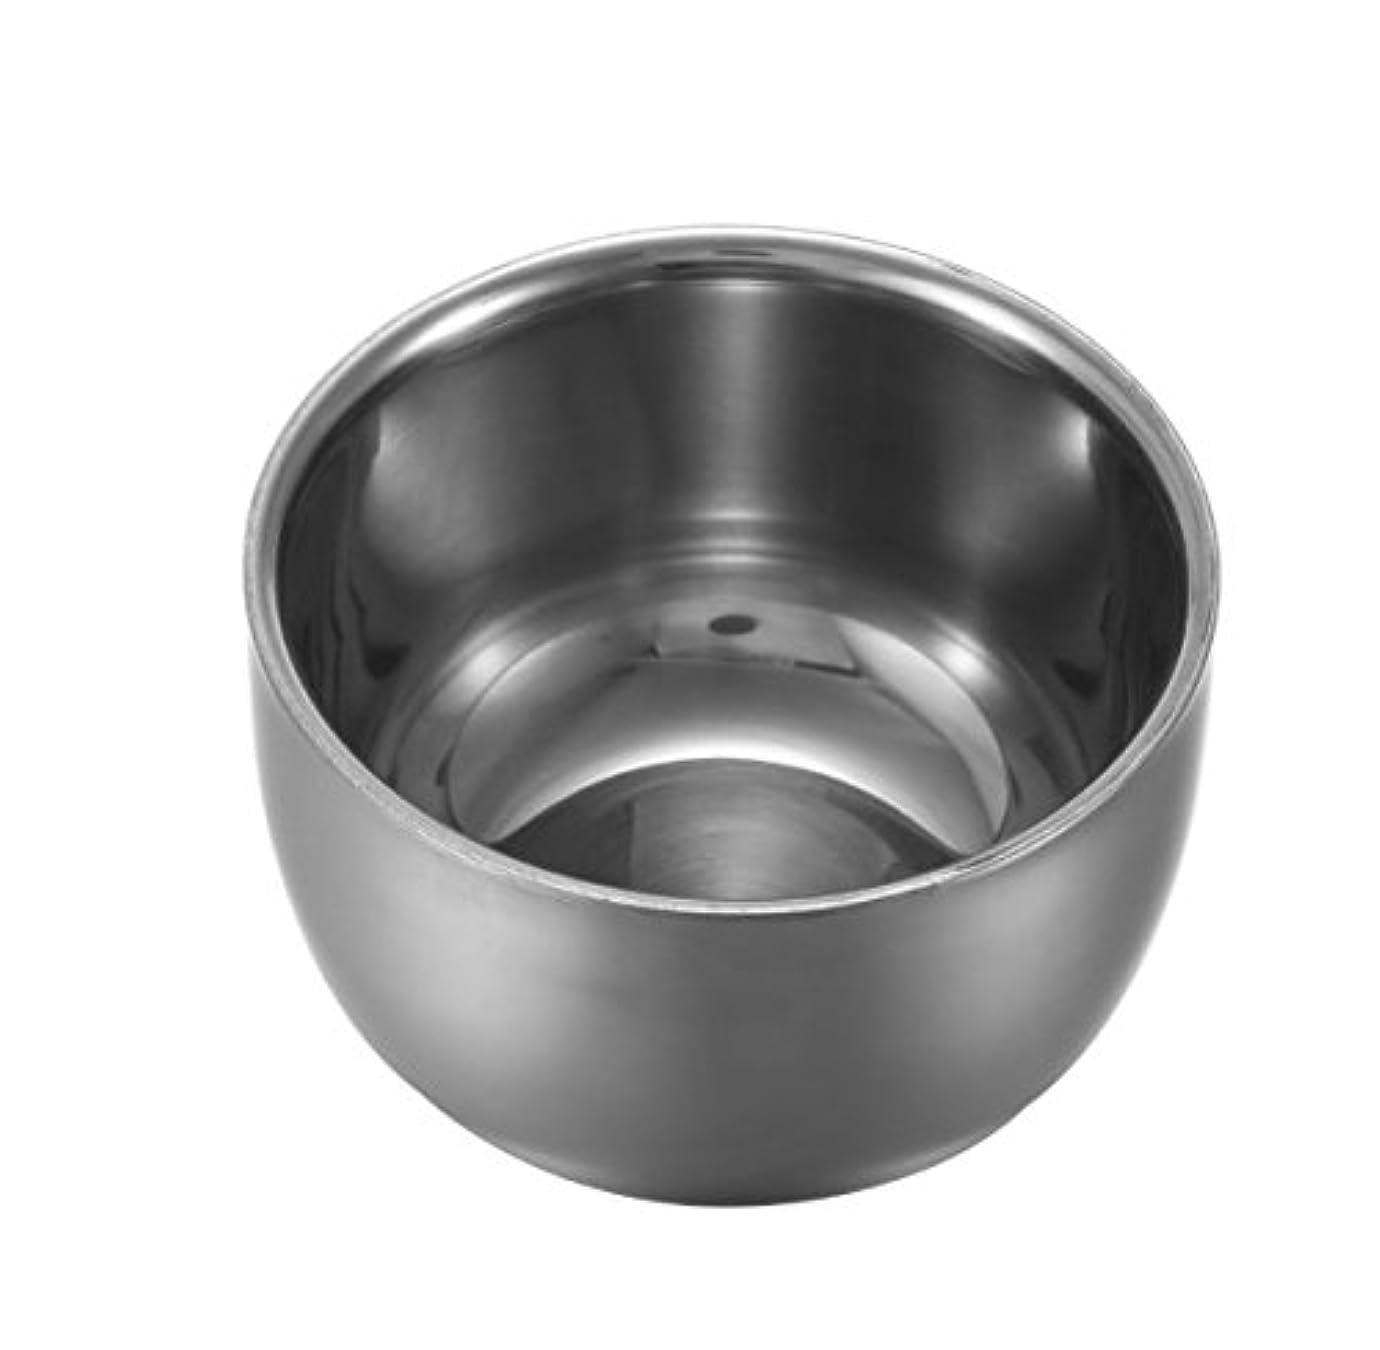 韓国語知性薄汚い7.5cm Stainless Steel Shaving Bowl Barber Beard Razor Cup For Shave Brush Male Face Cleaning Soap Mug Tool